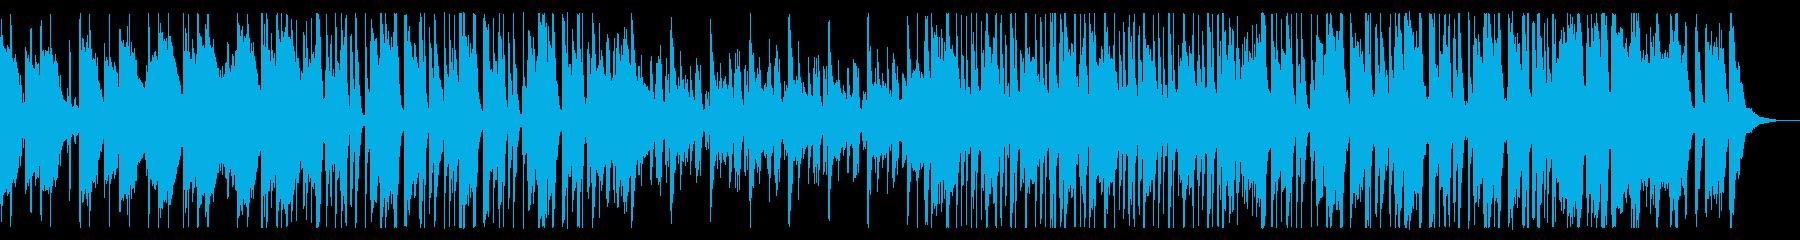 軽快でリズミカルなジャズ系ポップの再生済みの波形